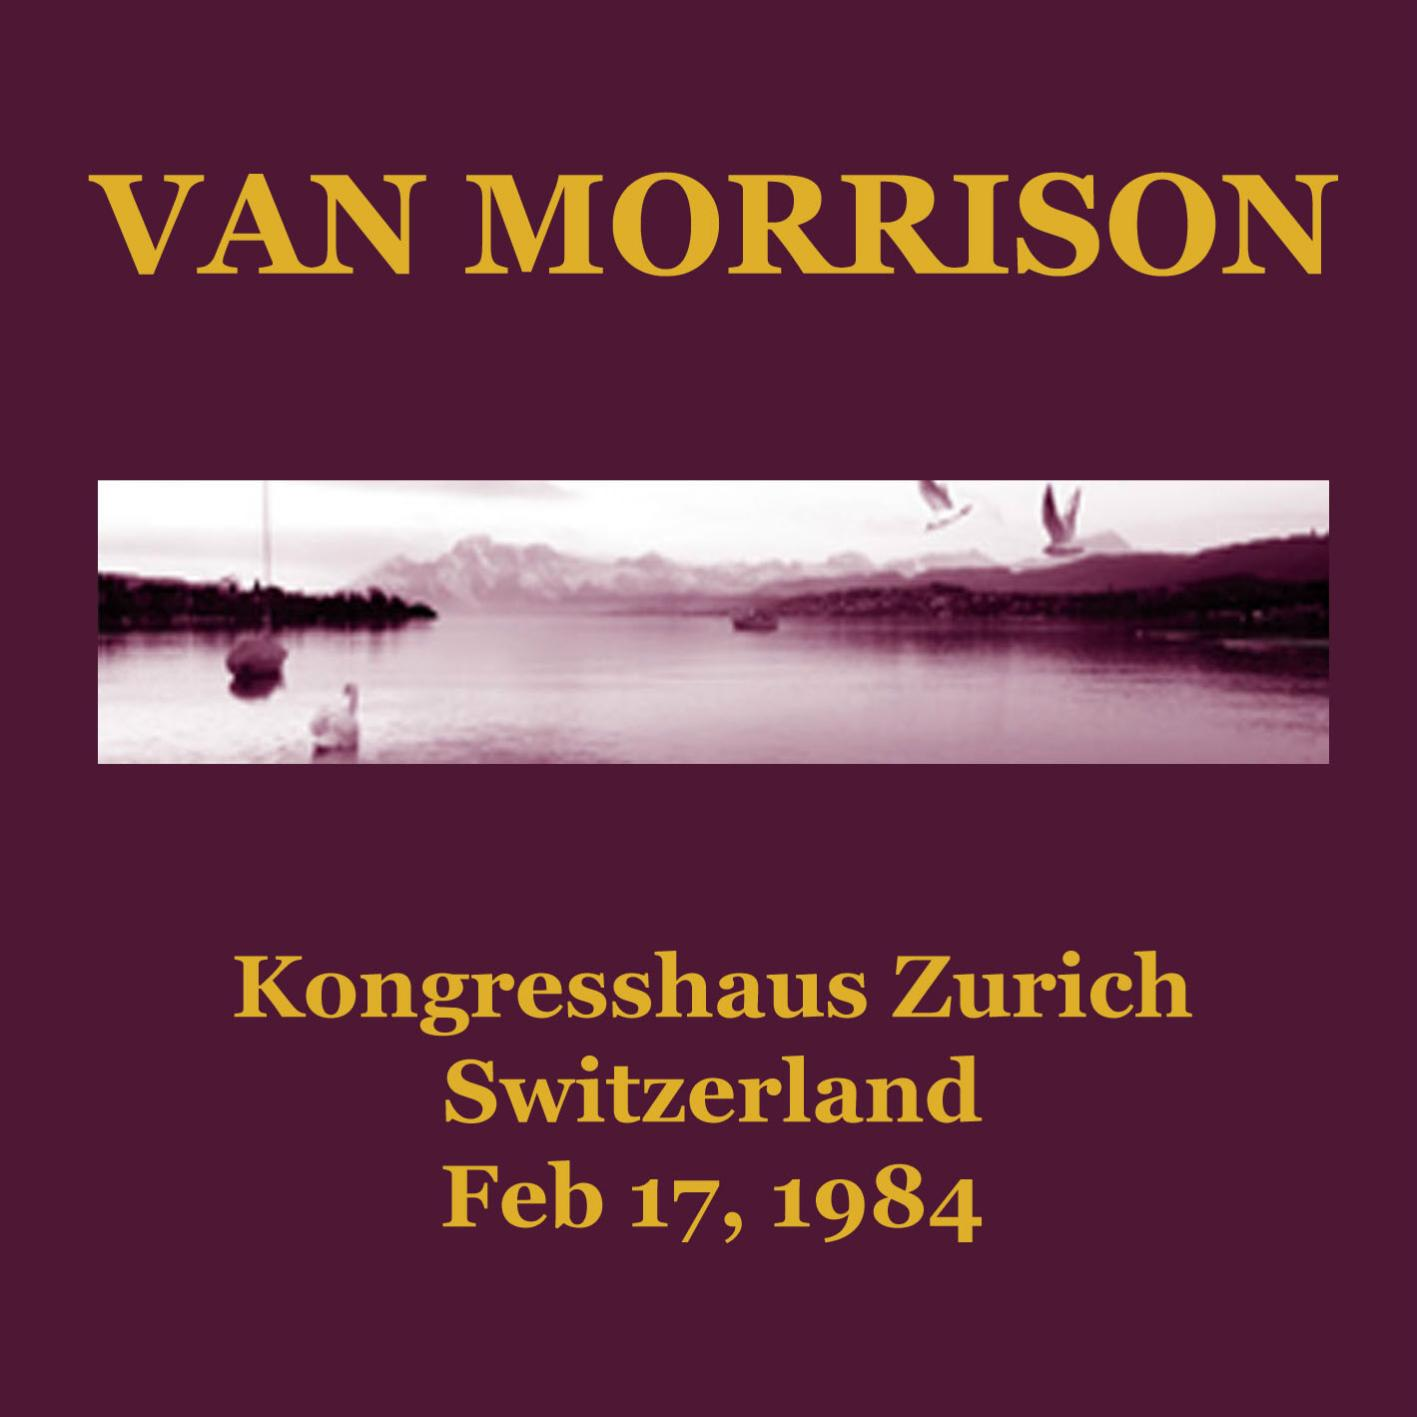 VanMorrison1984-02-17KongresshausZurichSwitzerland1.jpg